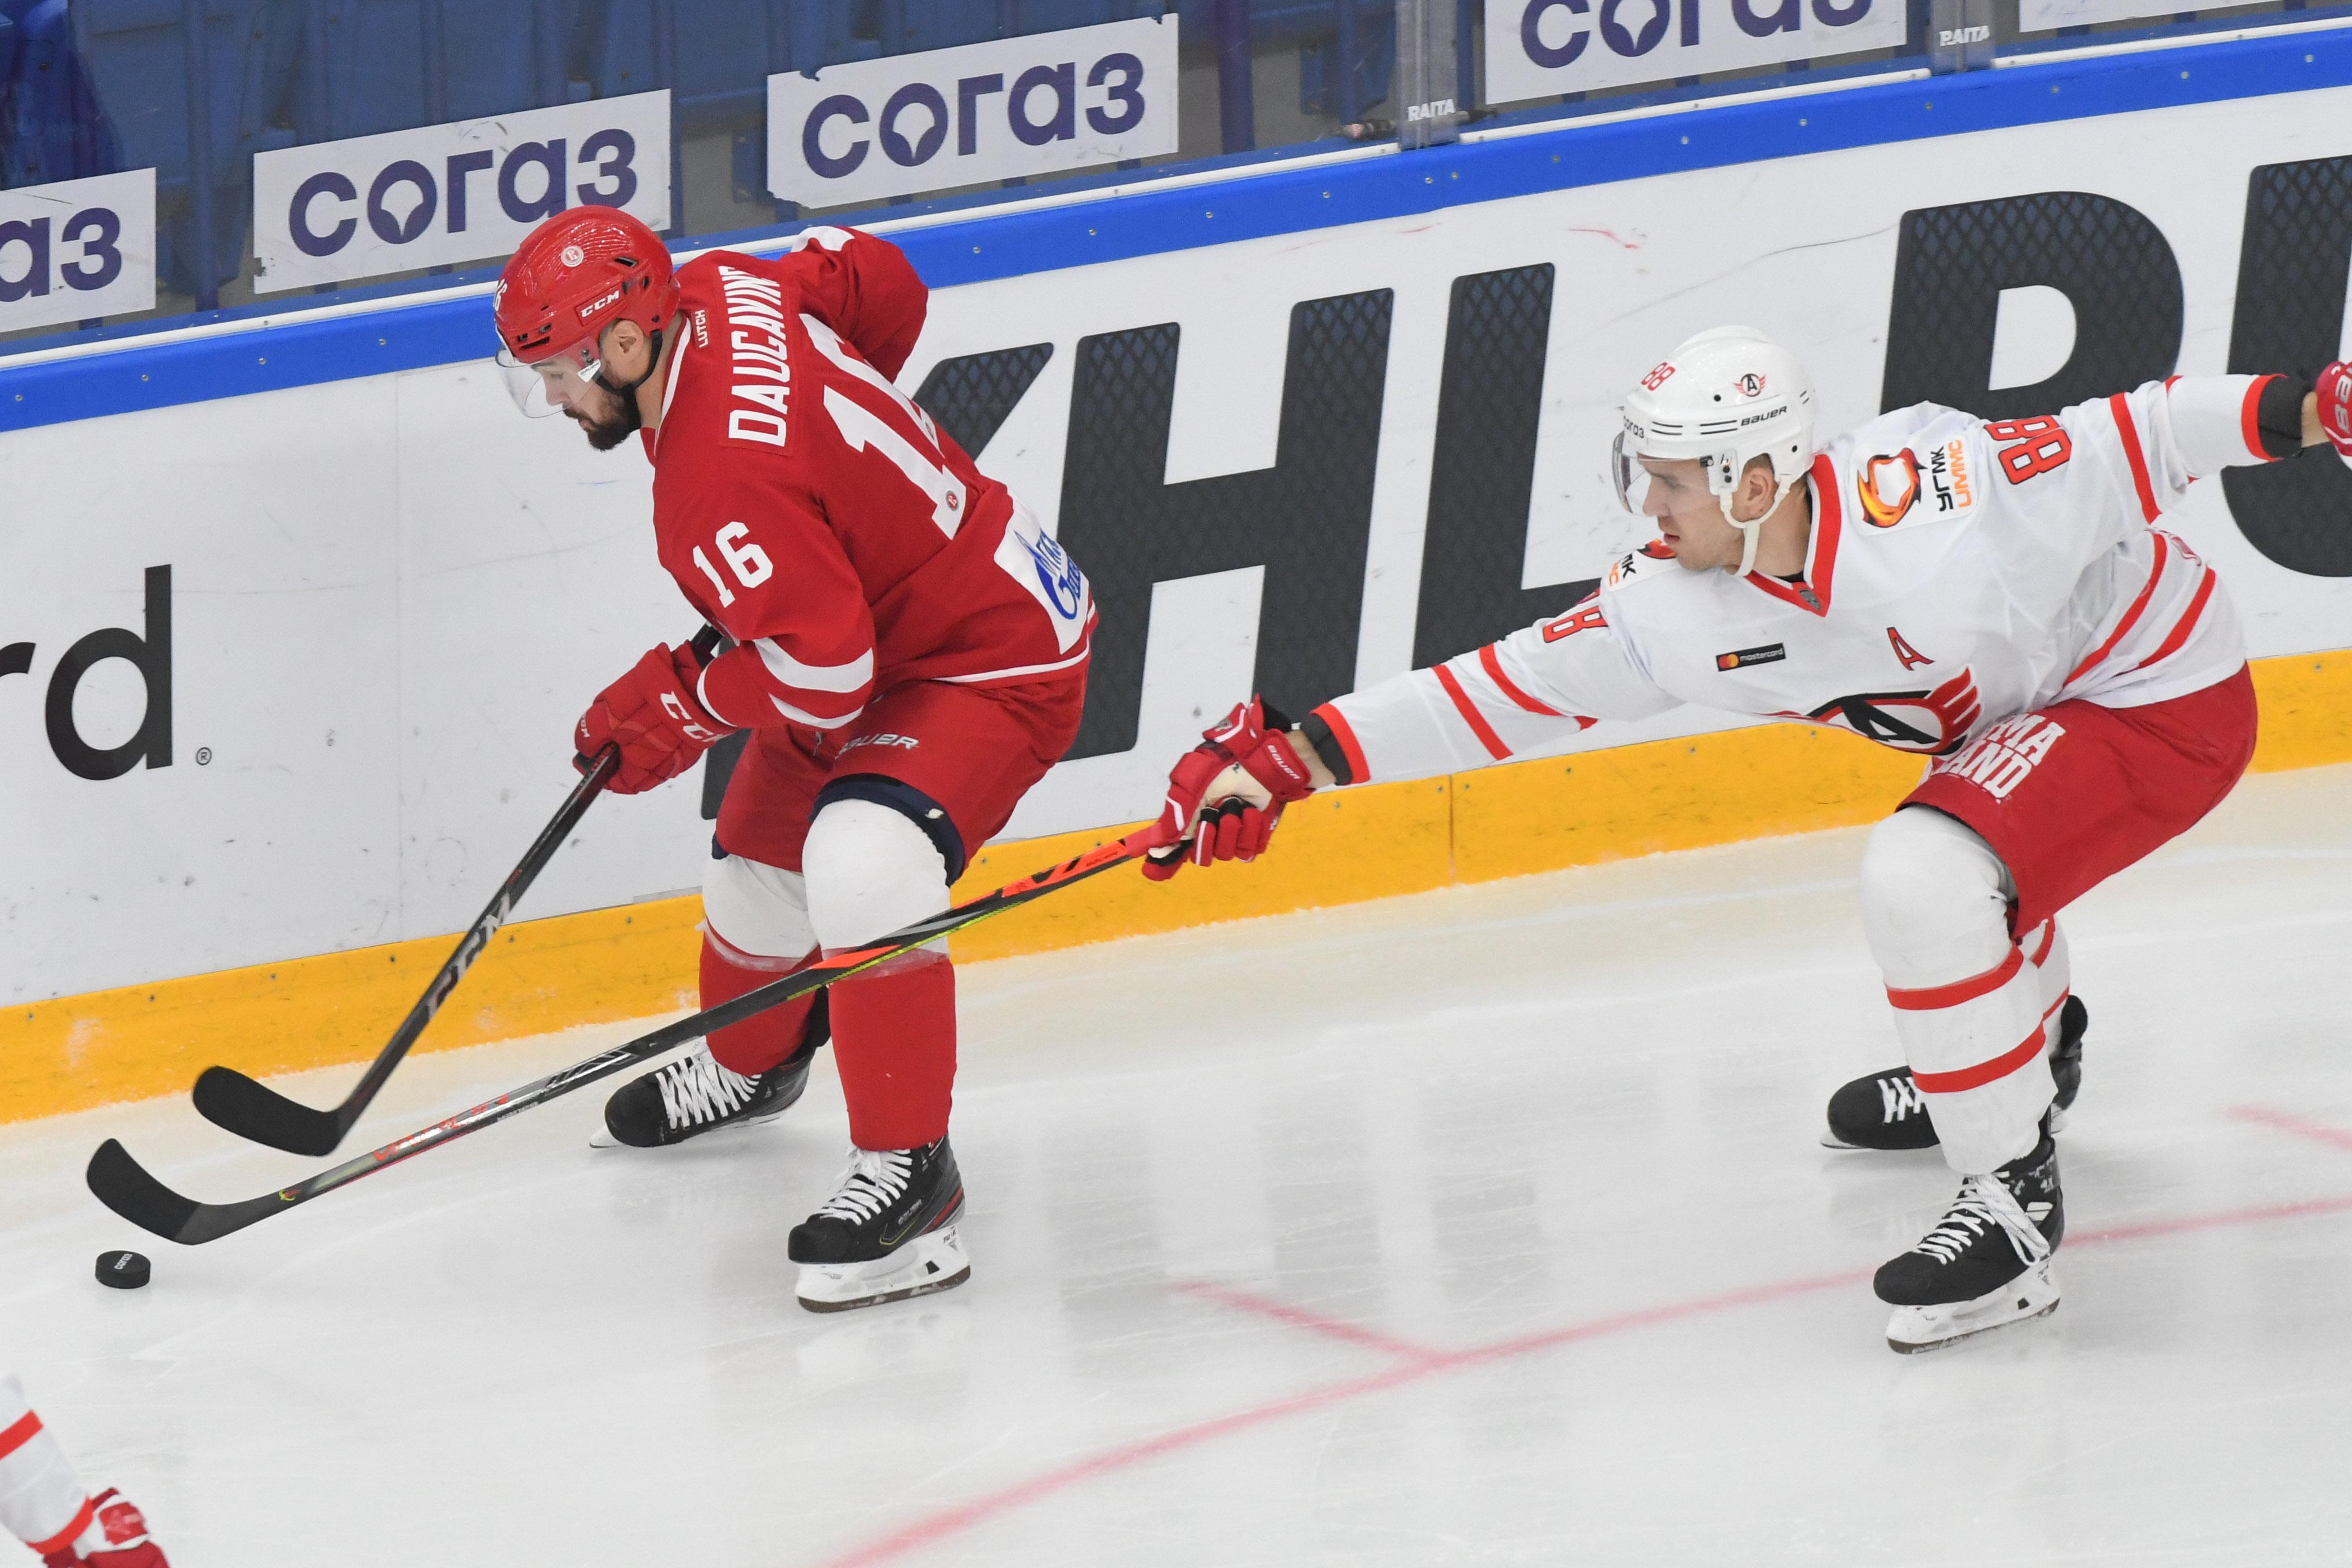 """Daugaviņš turpina krāt punktus un ar rezultatīvu piespēli palīdz """"Vitjaz"""" uzvarēt"""